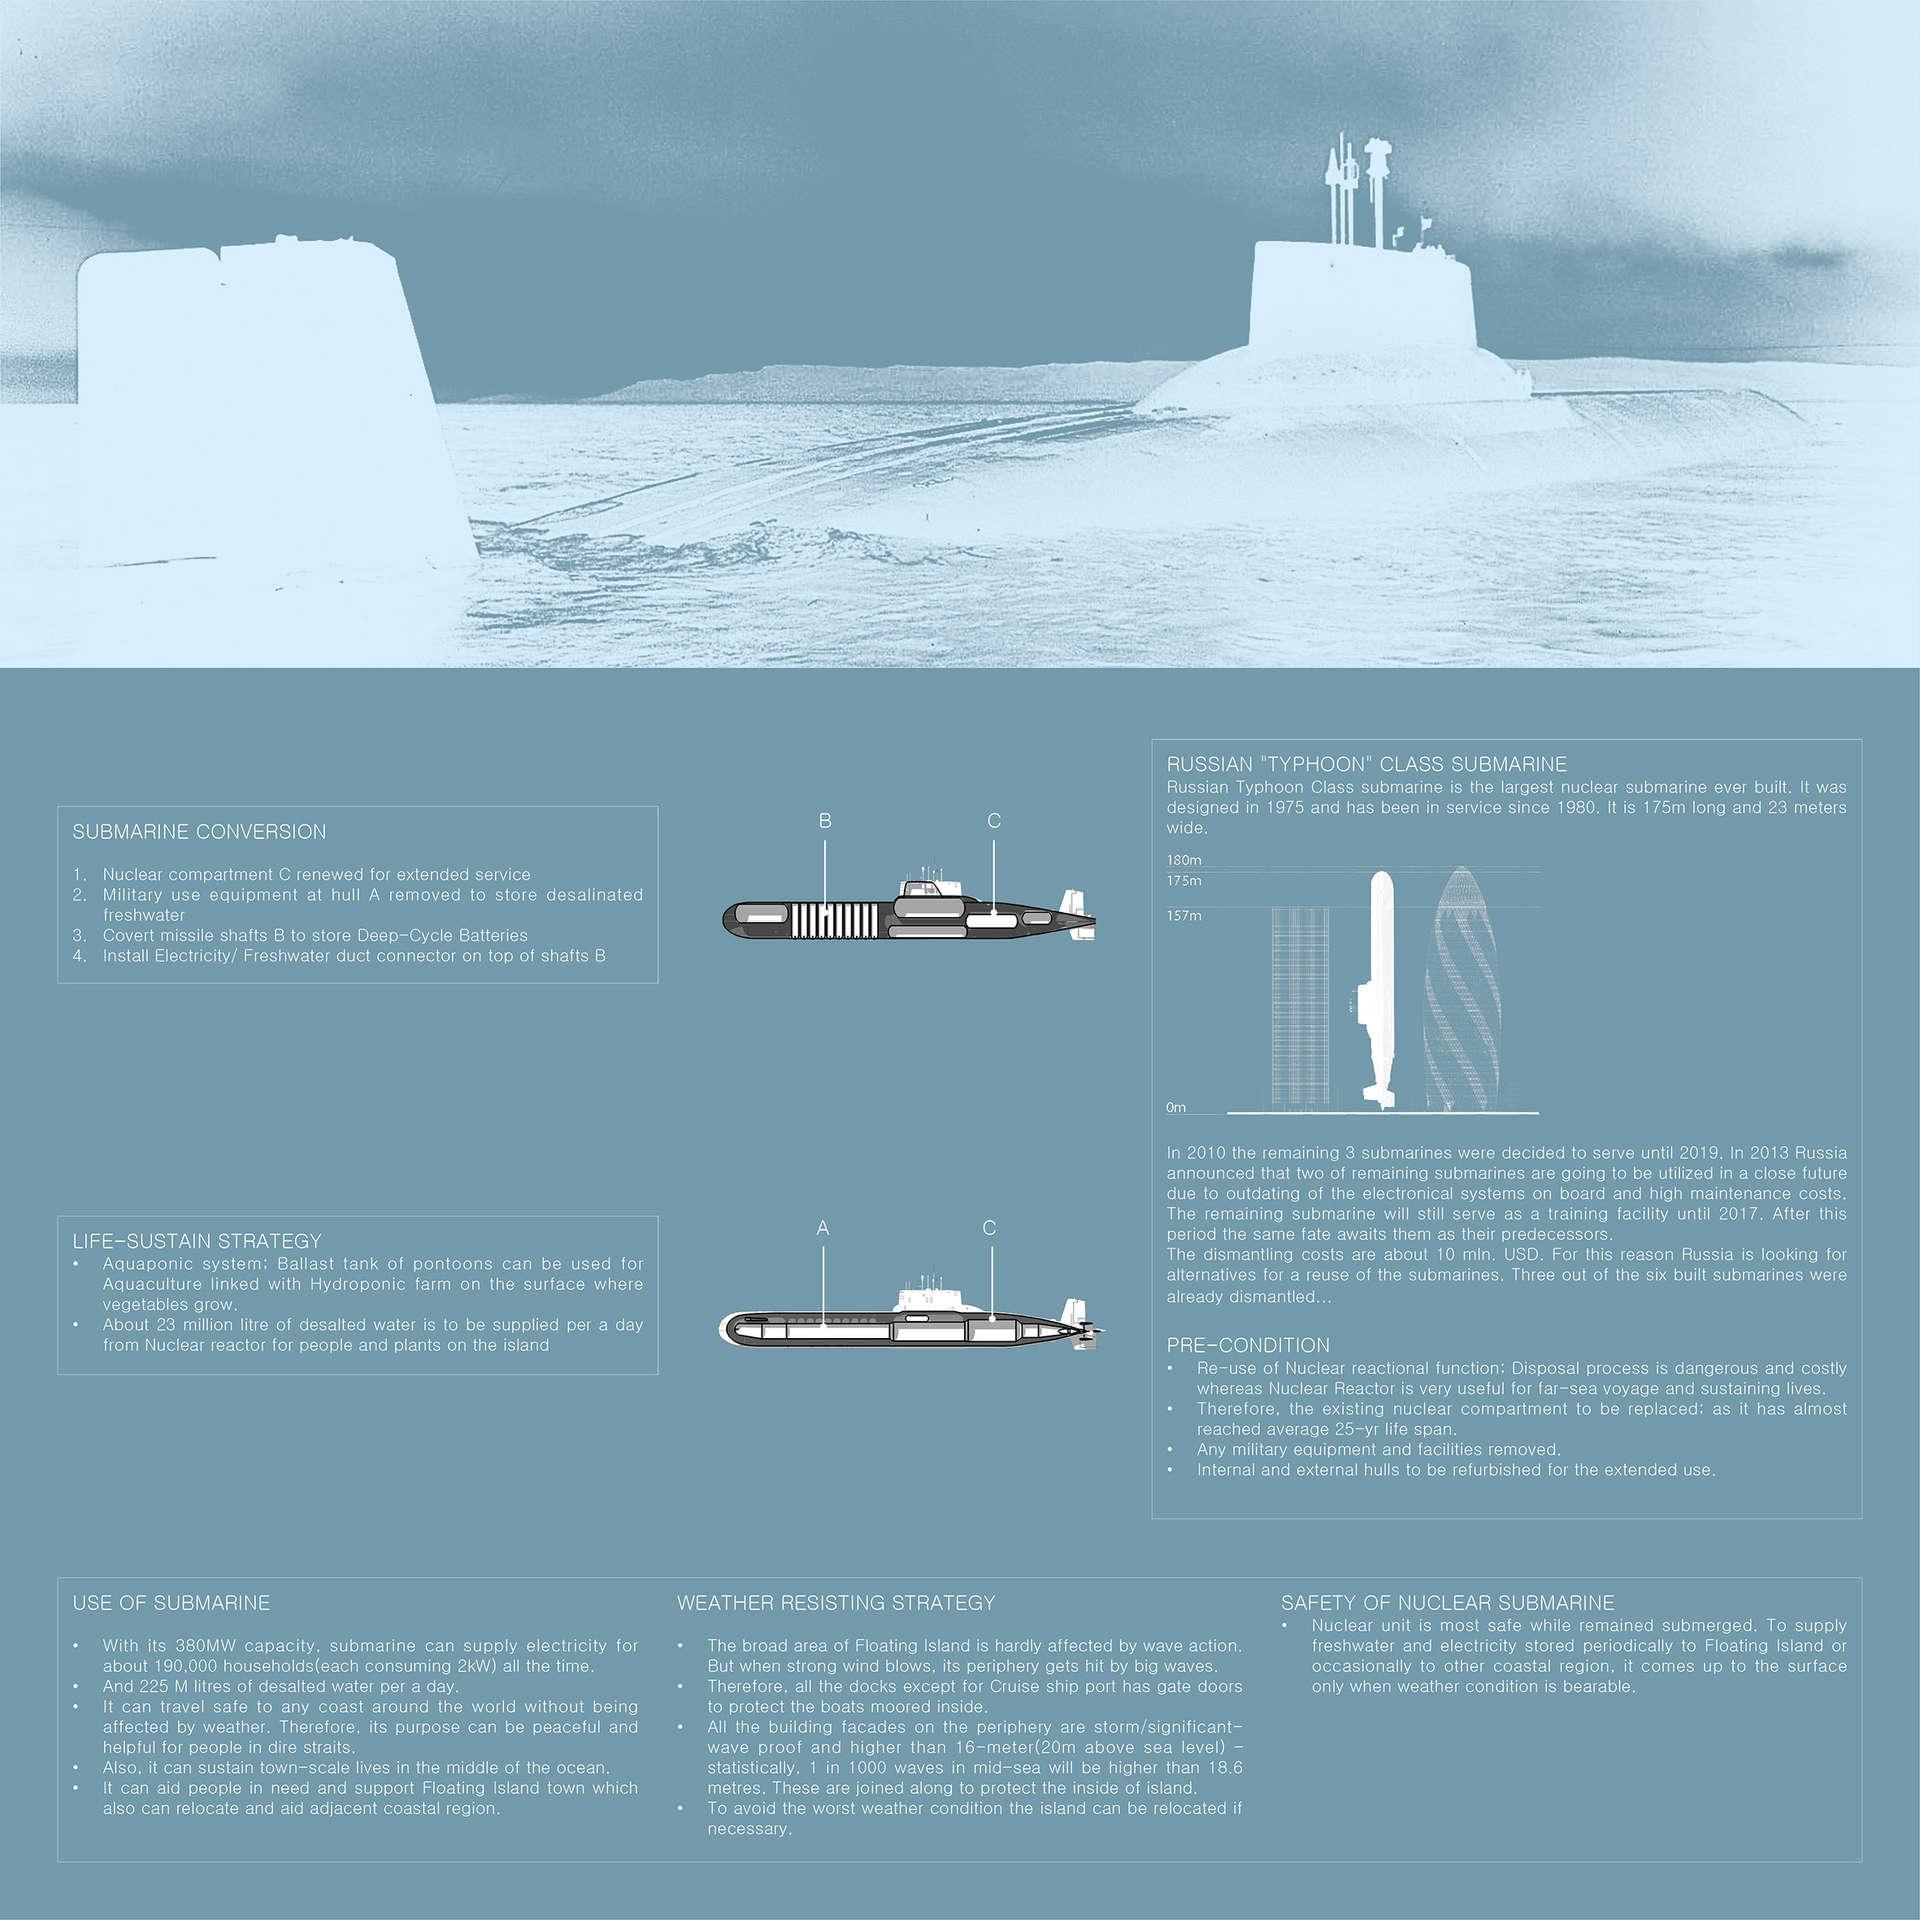 핵잠수함 개요